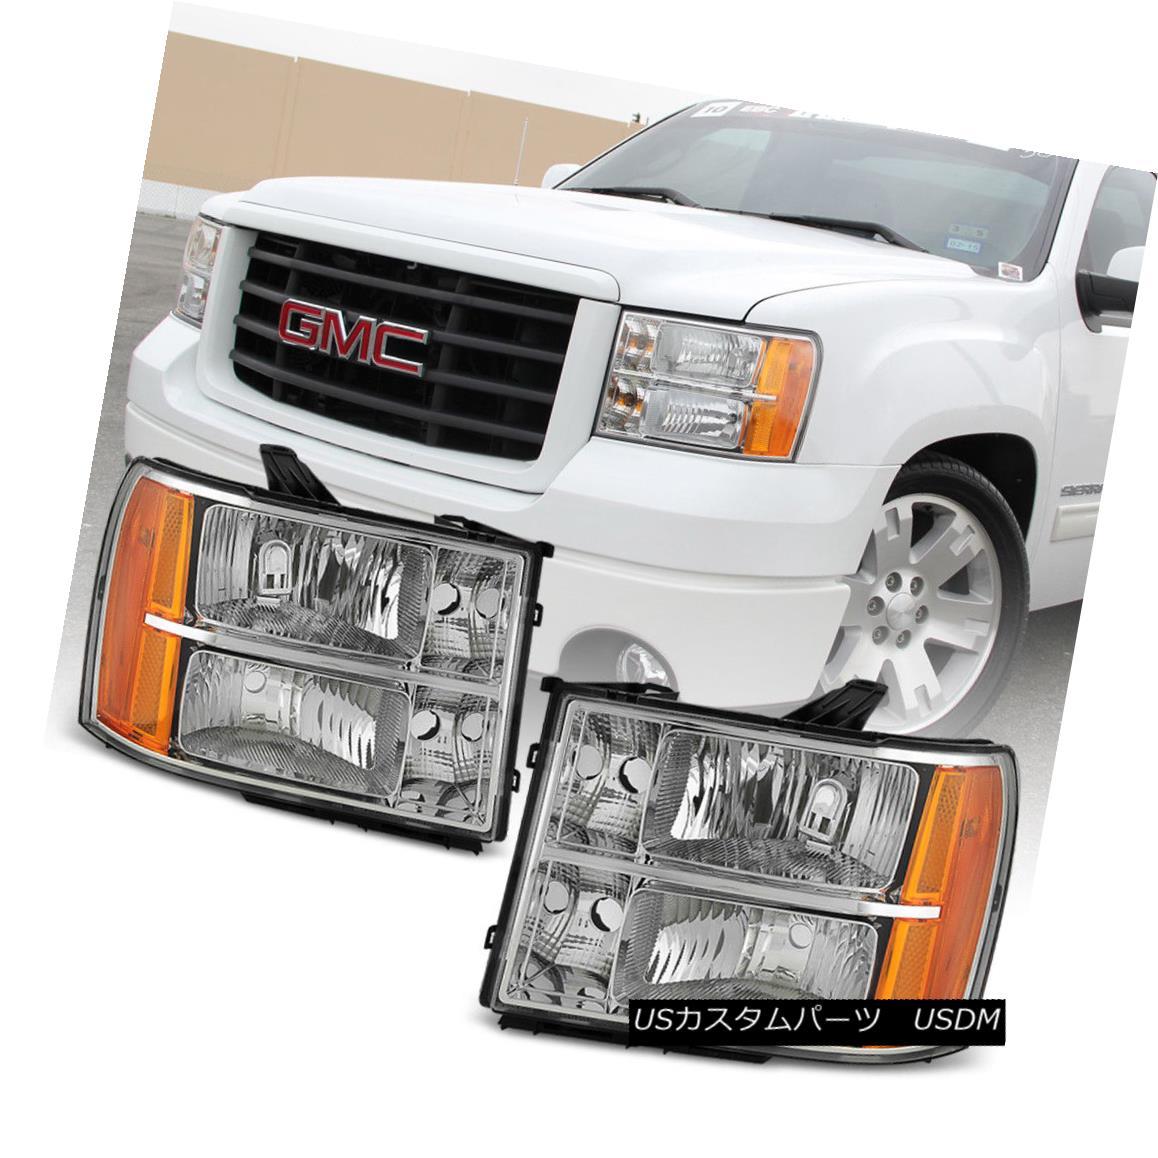 ヘッドライト 2007-2013 GMC Sierra 1500 2500HD 3500HD Crystal Headlights Headlamps Left+Right 2007-2013 GMC Sierra 1500 2500HD 3500HDクリスタルヘッドライトヘッドランプ左+右